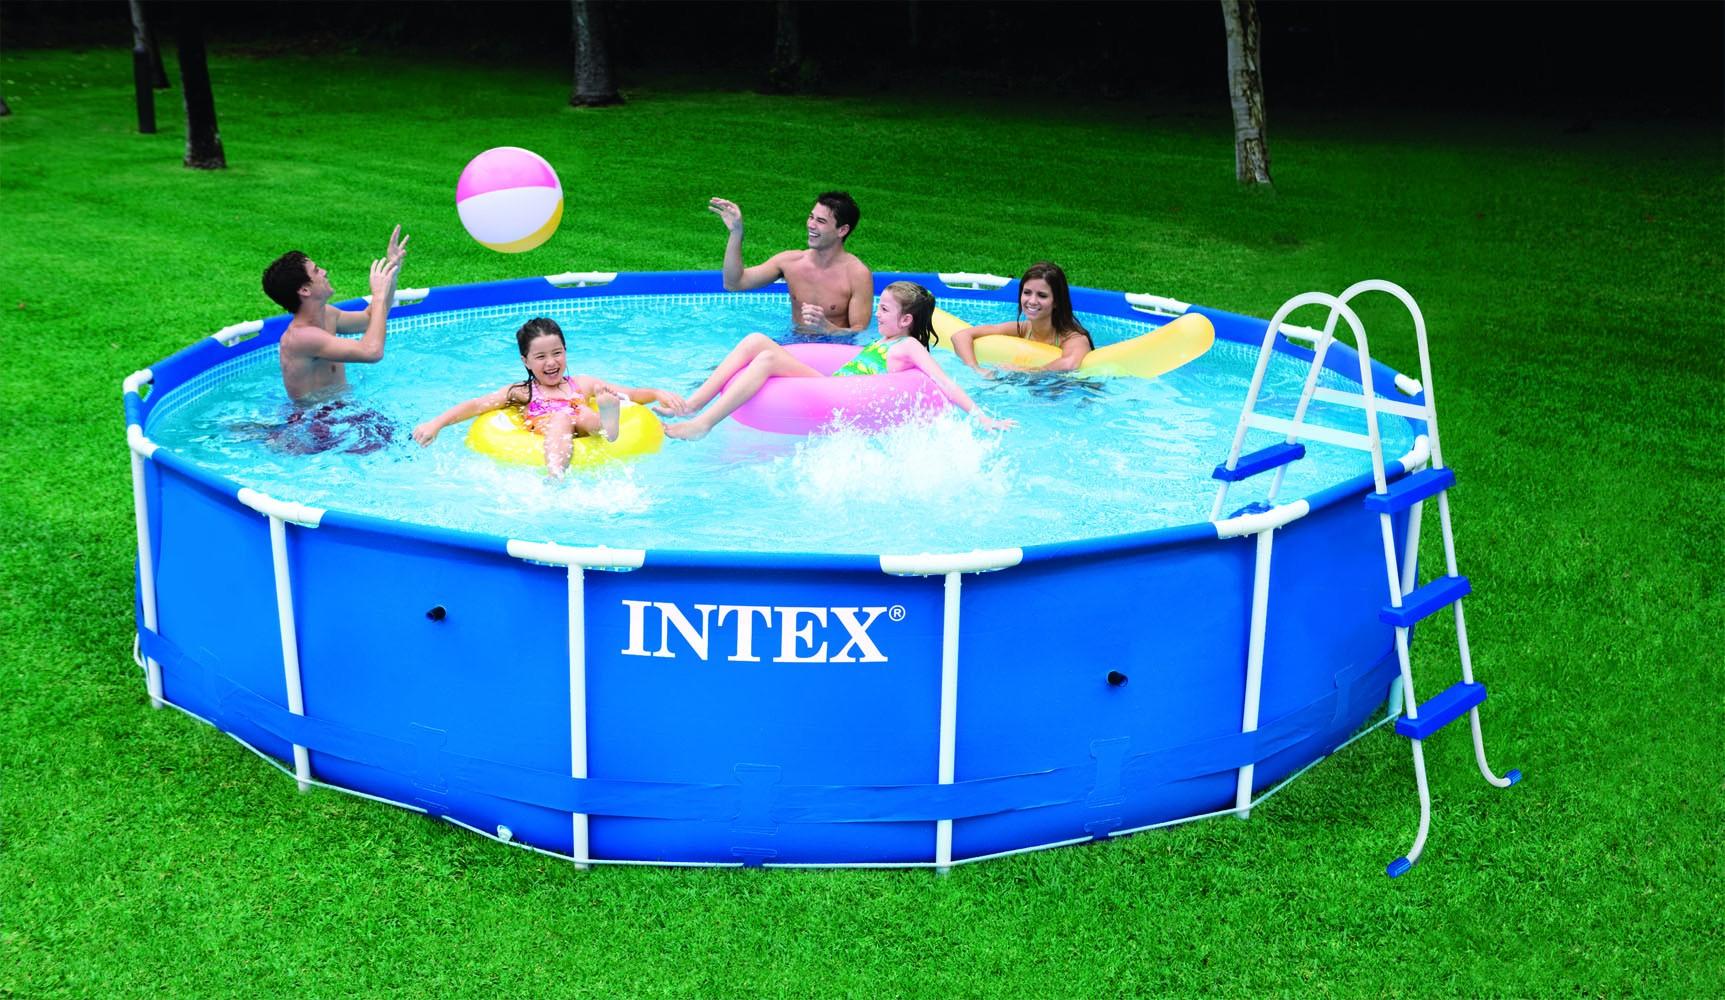 Intex metaal frame pool 457 x 91 cm set nijhuishandel for Groot opzetzwembad